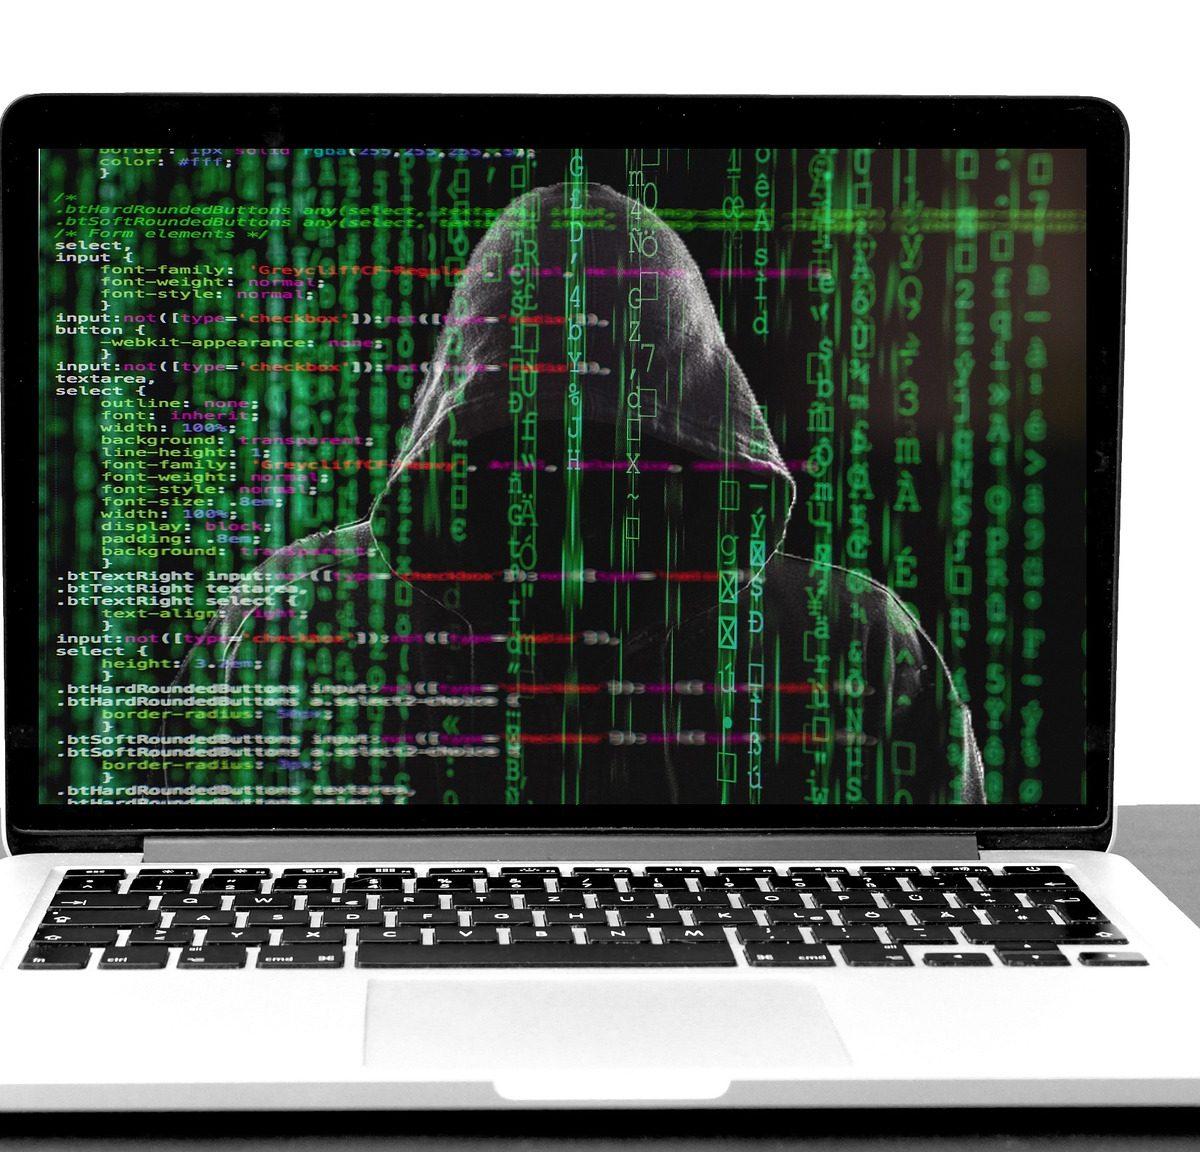 хакер онлайн измама кибер атака